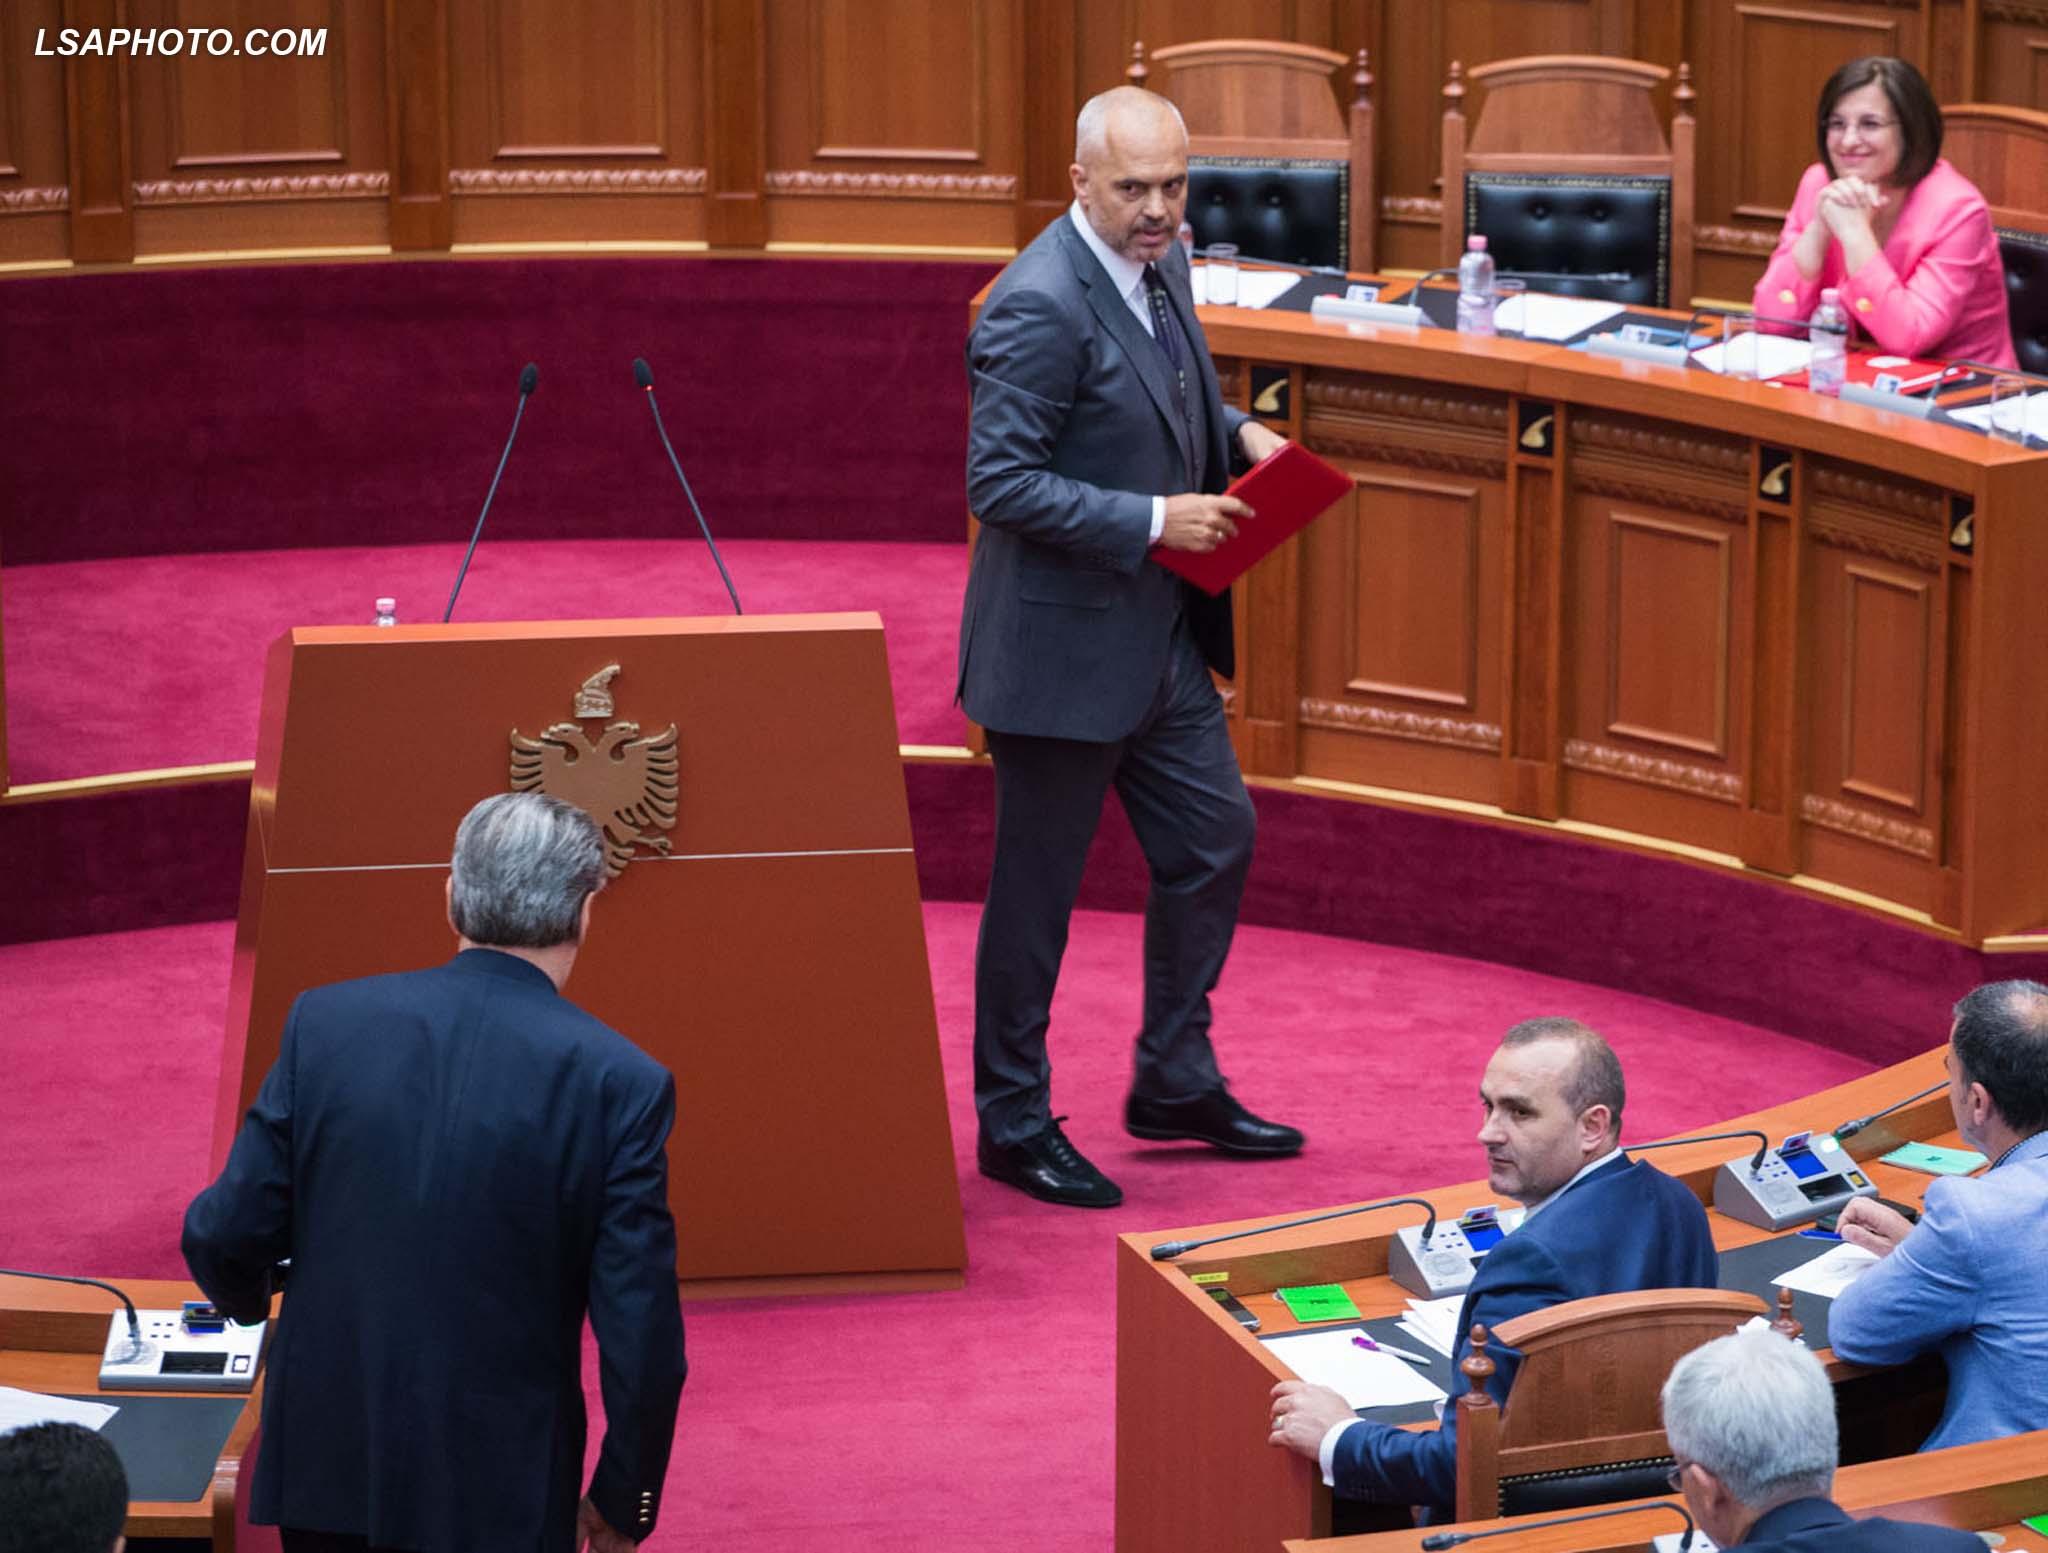 """Deputeti i PD, Sali Berisha dhe kryeministri Edi Rama, gjate nje seance parlamentare, ku eshte diskutuar projektligji """"Per faljen e gjobave per mospagimin ne afat te kontributeve te detyrueshme ne sigurimet shoqerore dhe shendetesore nga subjektet juridike dhe fizike""""./r/n/r/nLawmaker, Sali Berisha and Prime Minister Edi Rama, during a parliamentary session."""